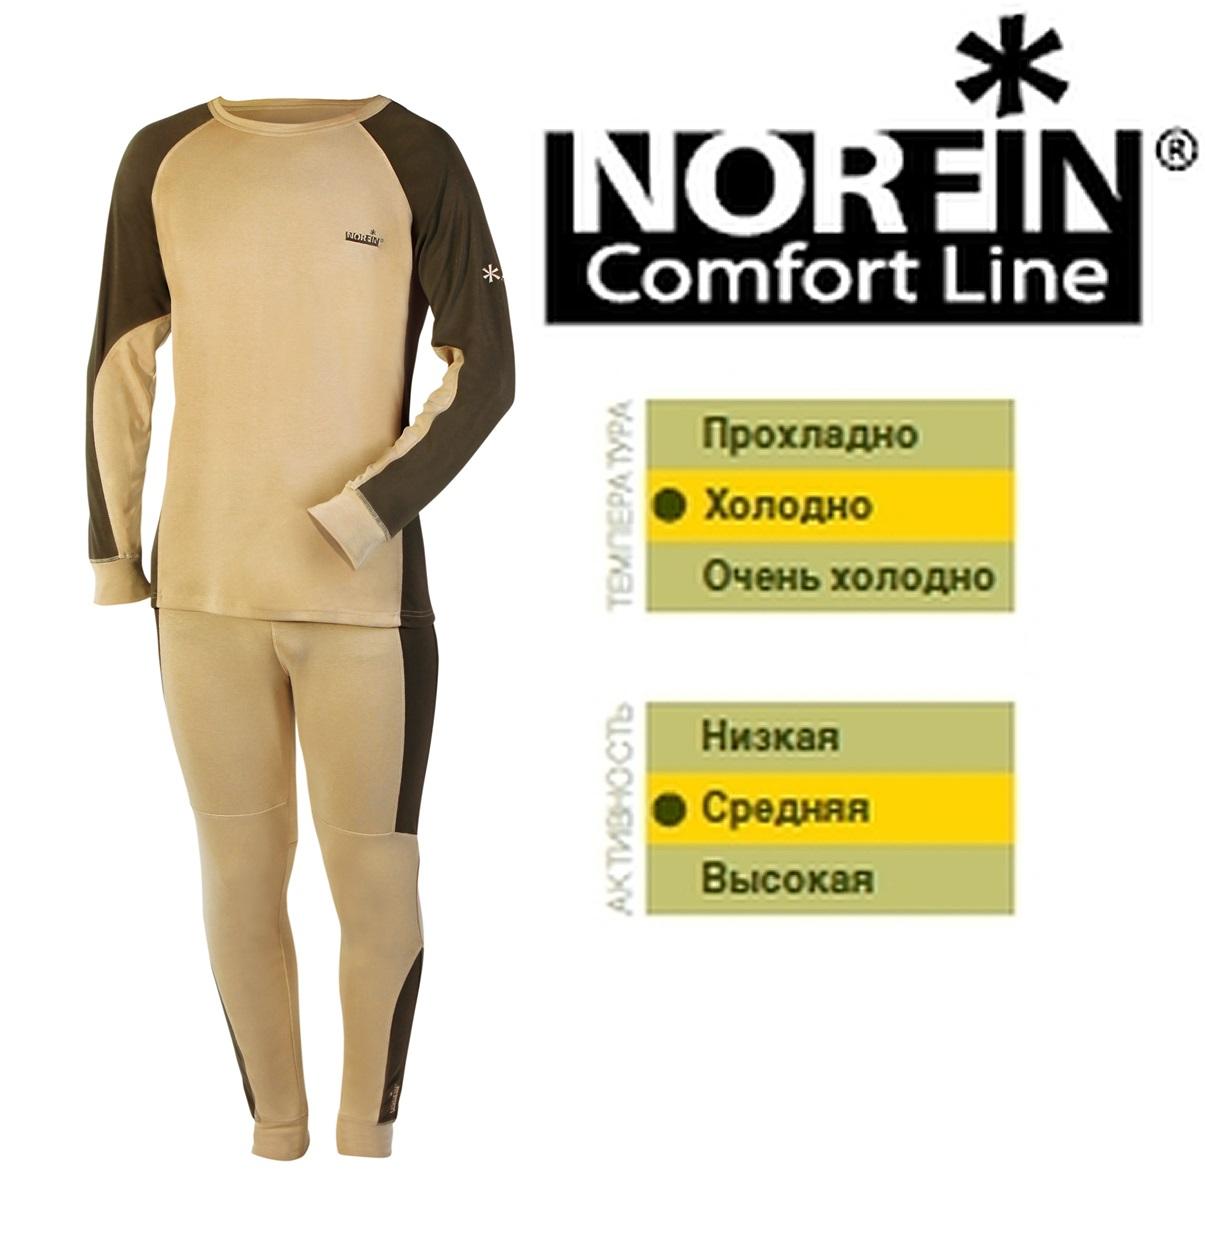 Norfin Comfort Line